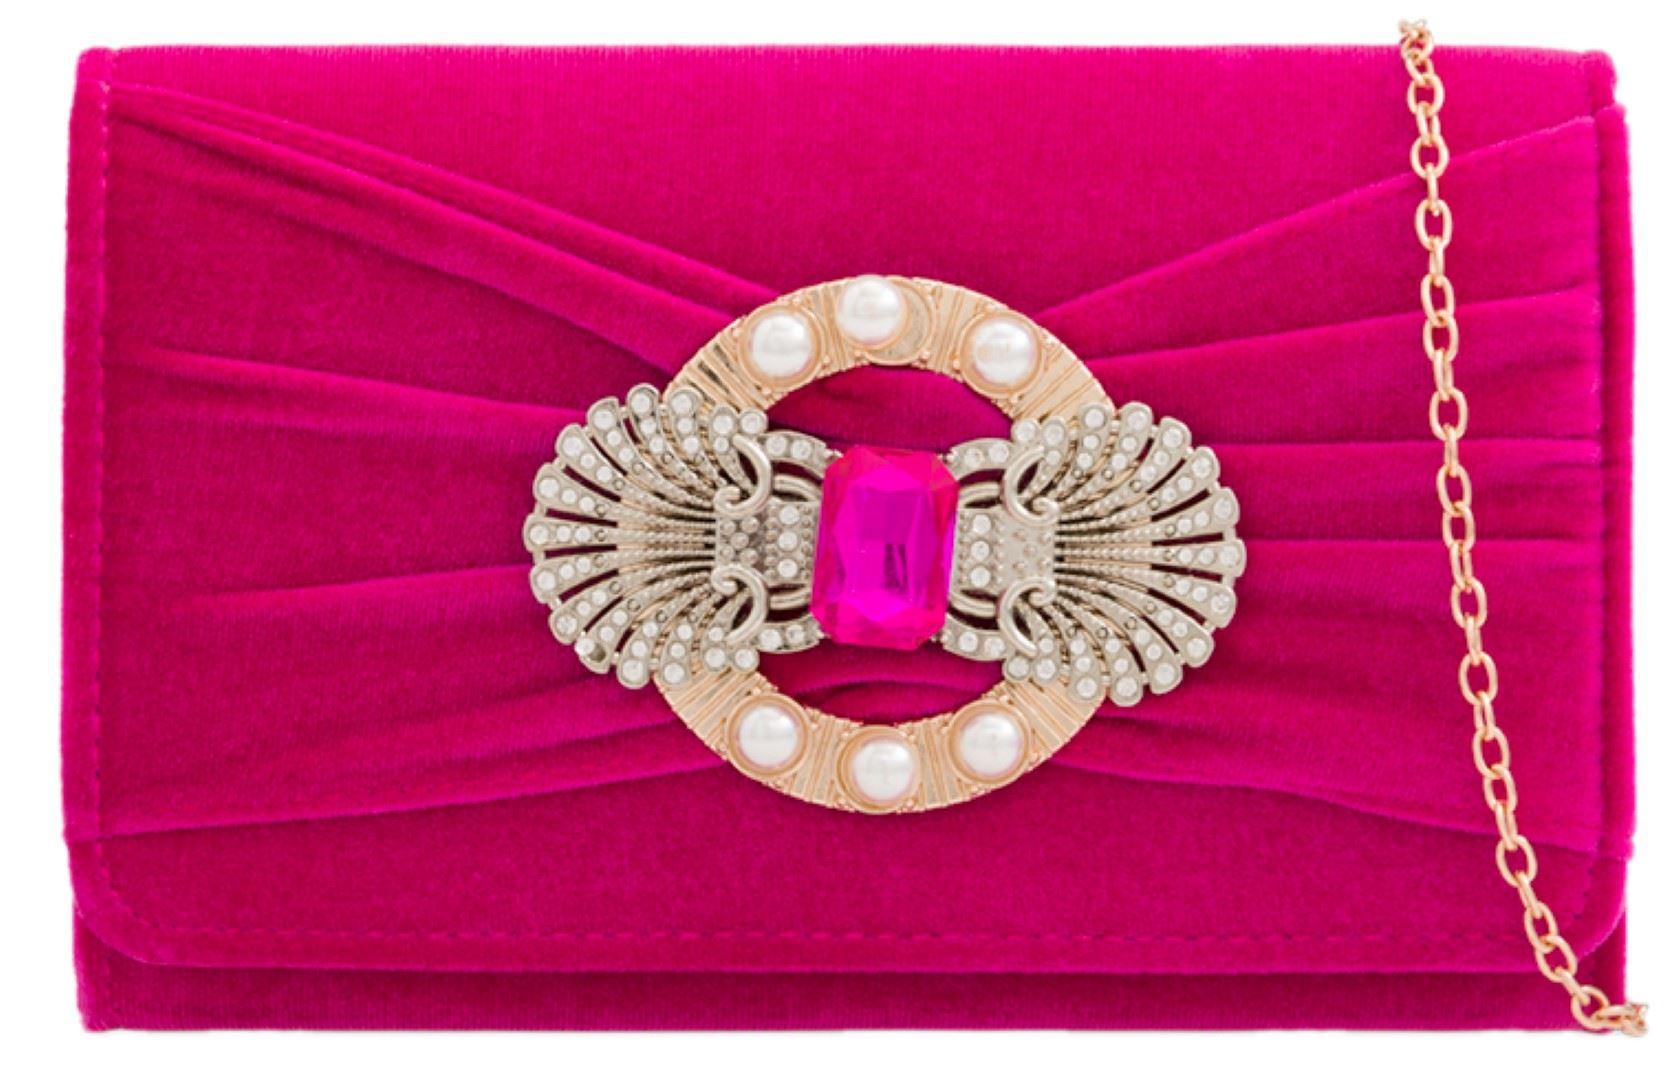 Vintage para dama terciopelo Bolso de mano piedras preciosas pin ...